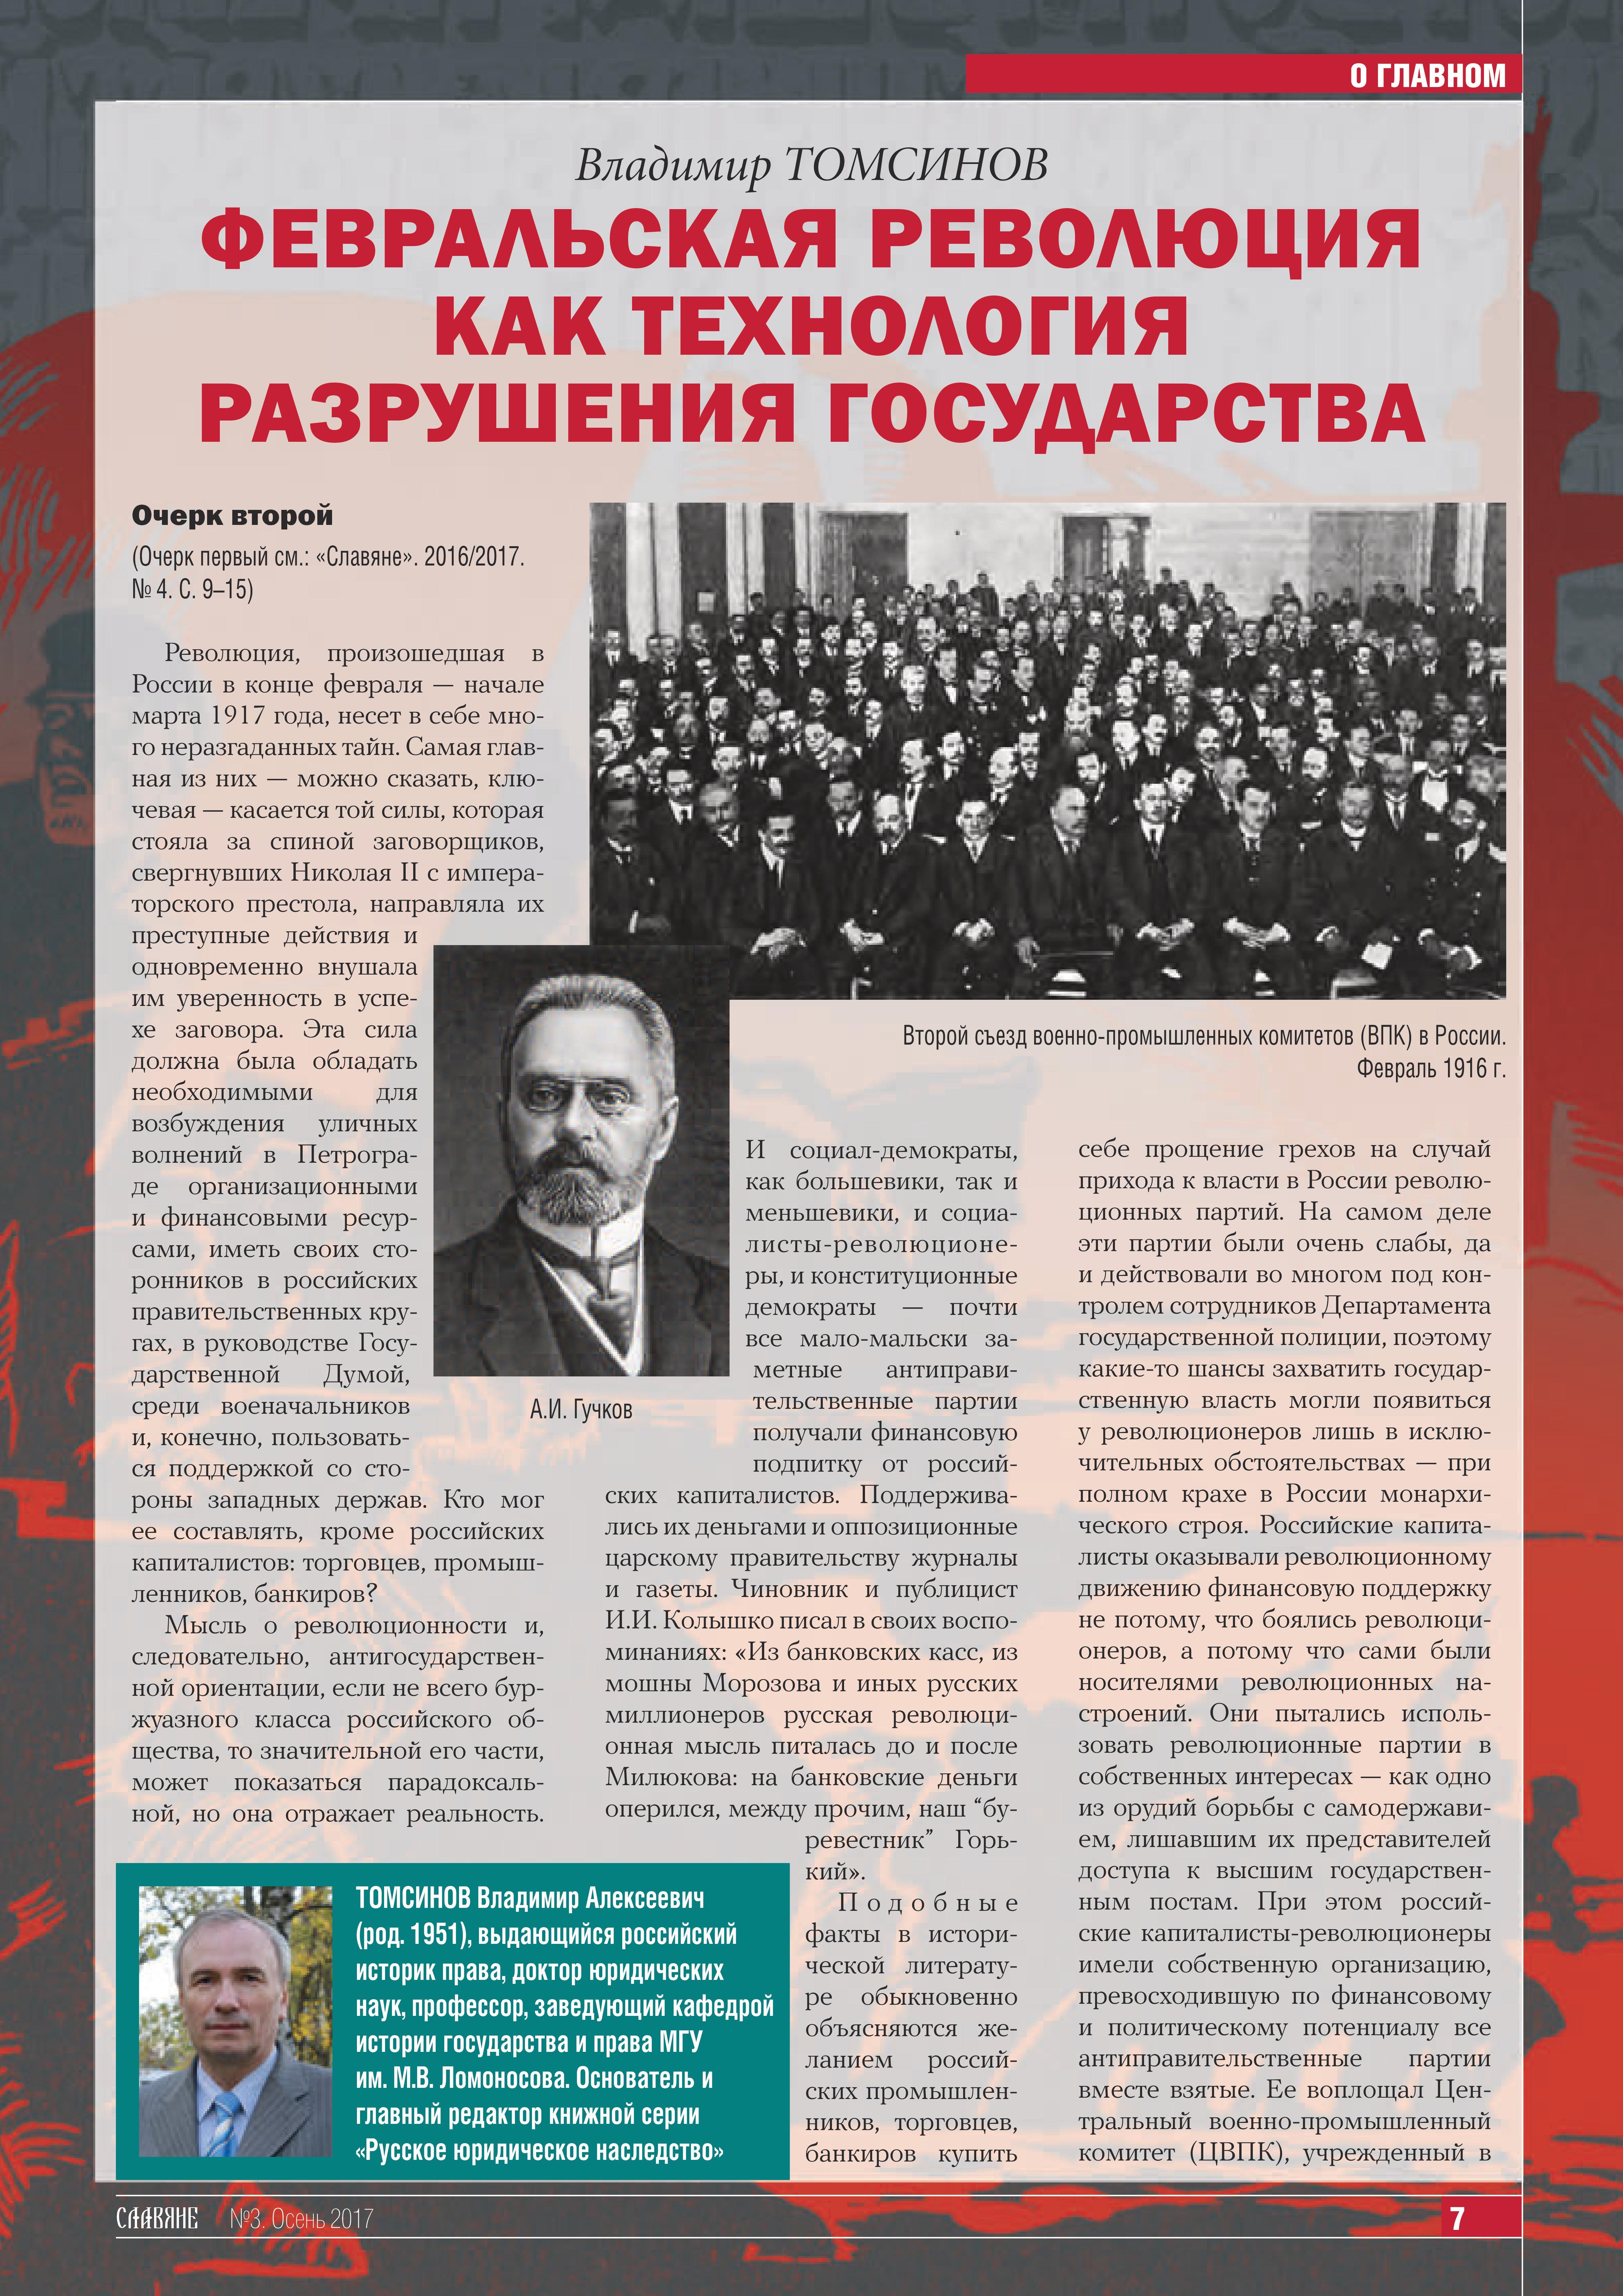 Томсинов В.А. Февральская революция как технология разрушения государства. Очерк 2